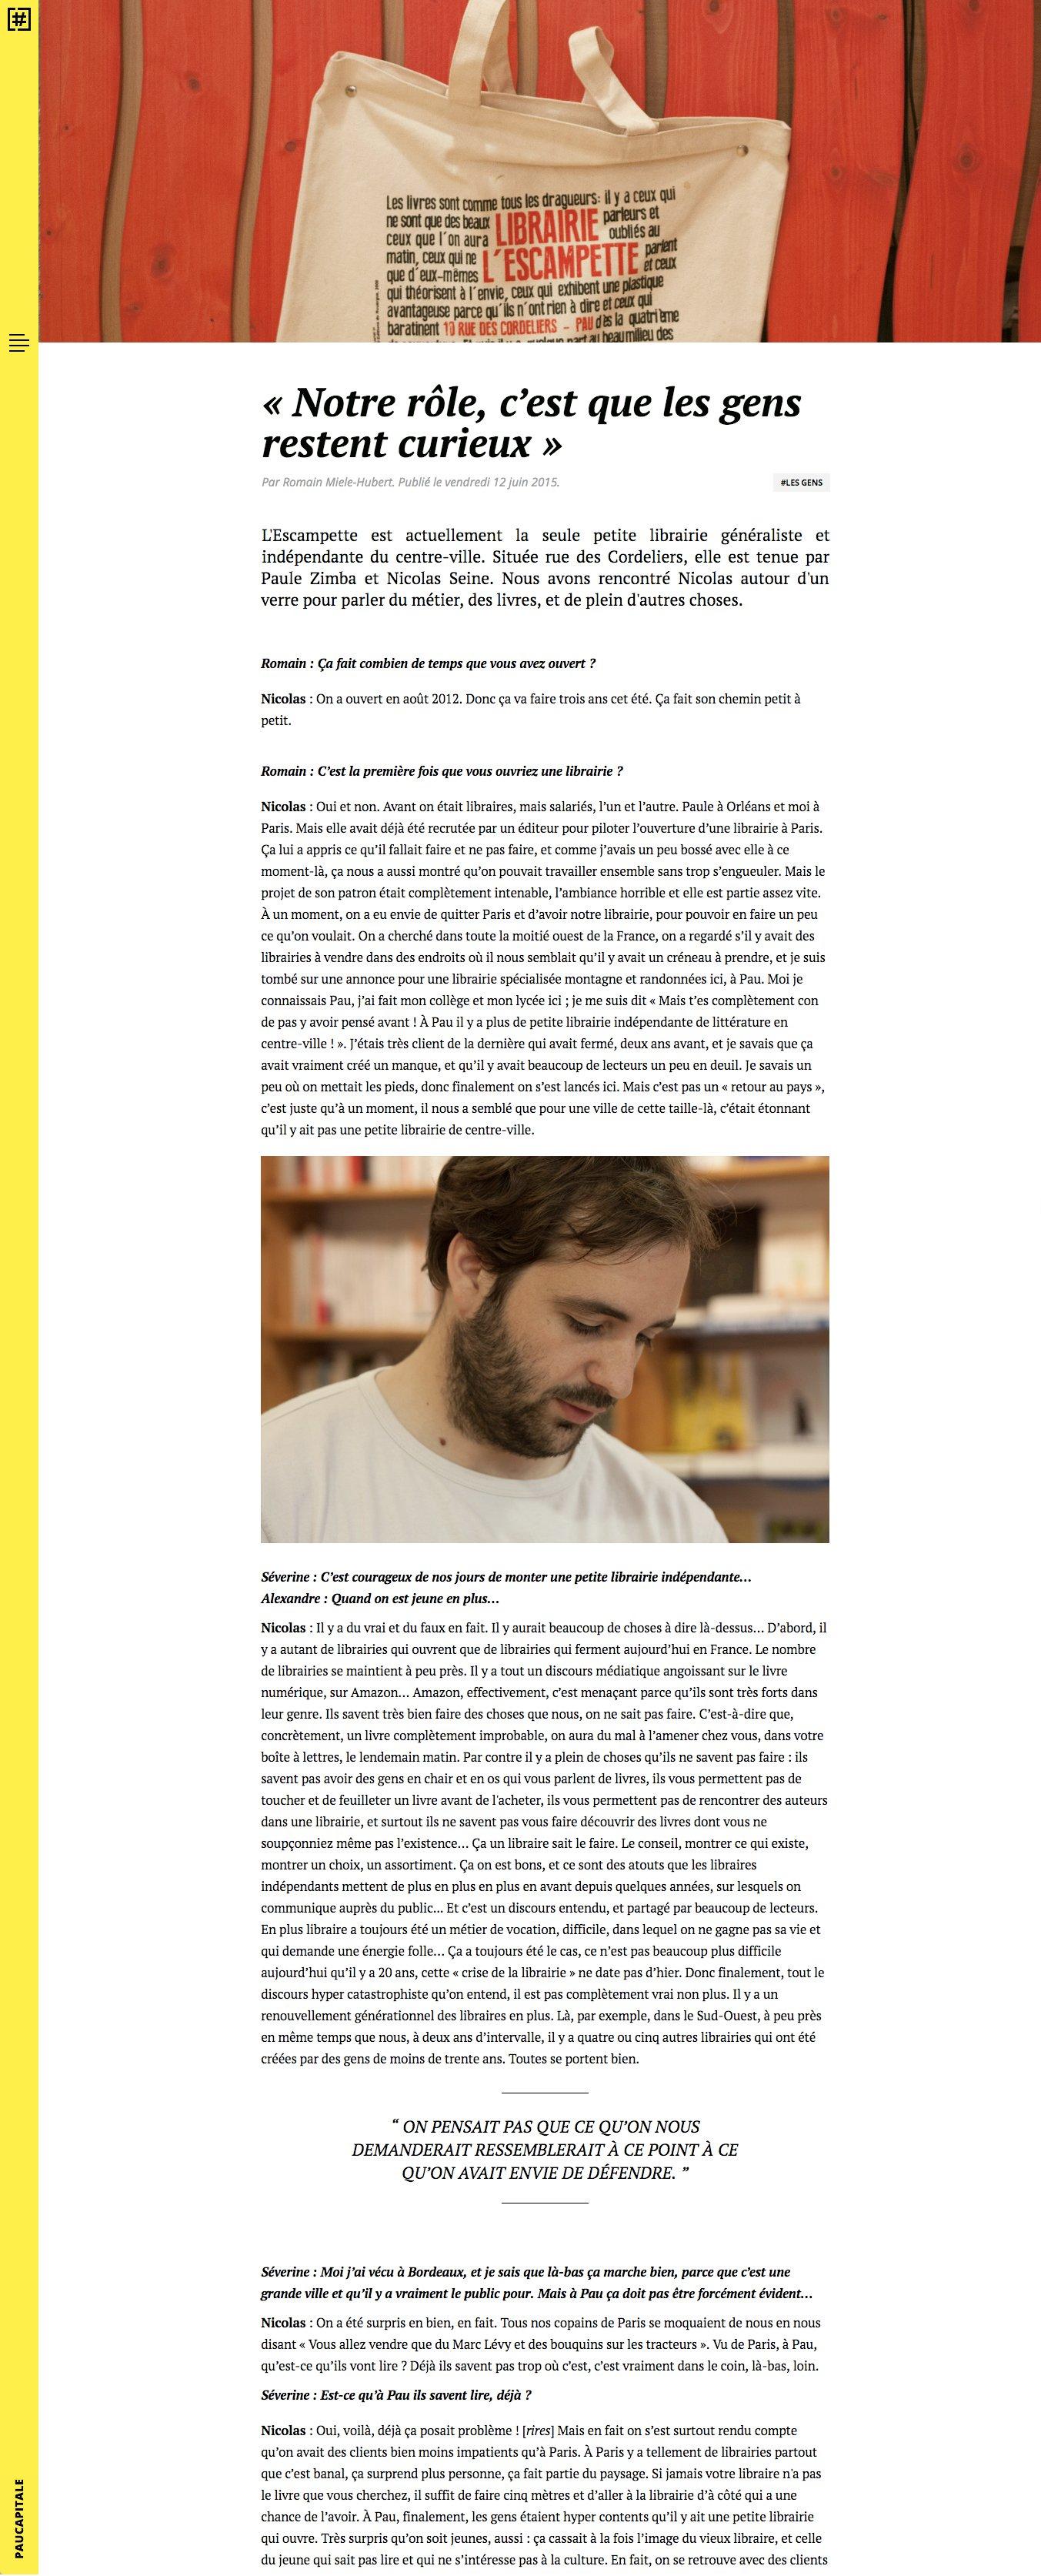 Capture d'écran d'une page d'interview